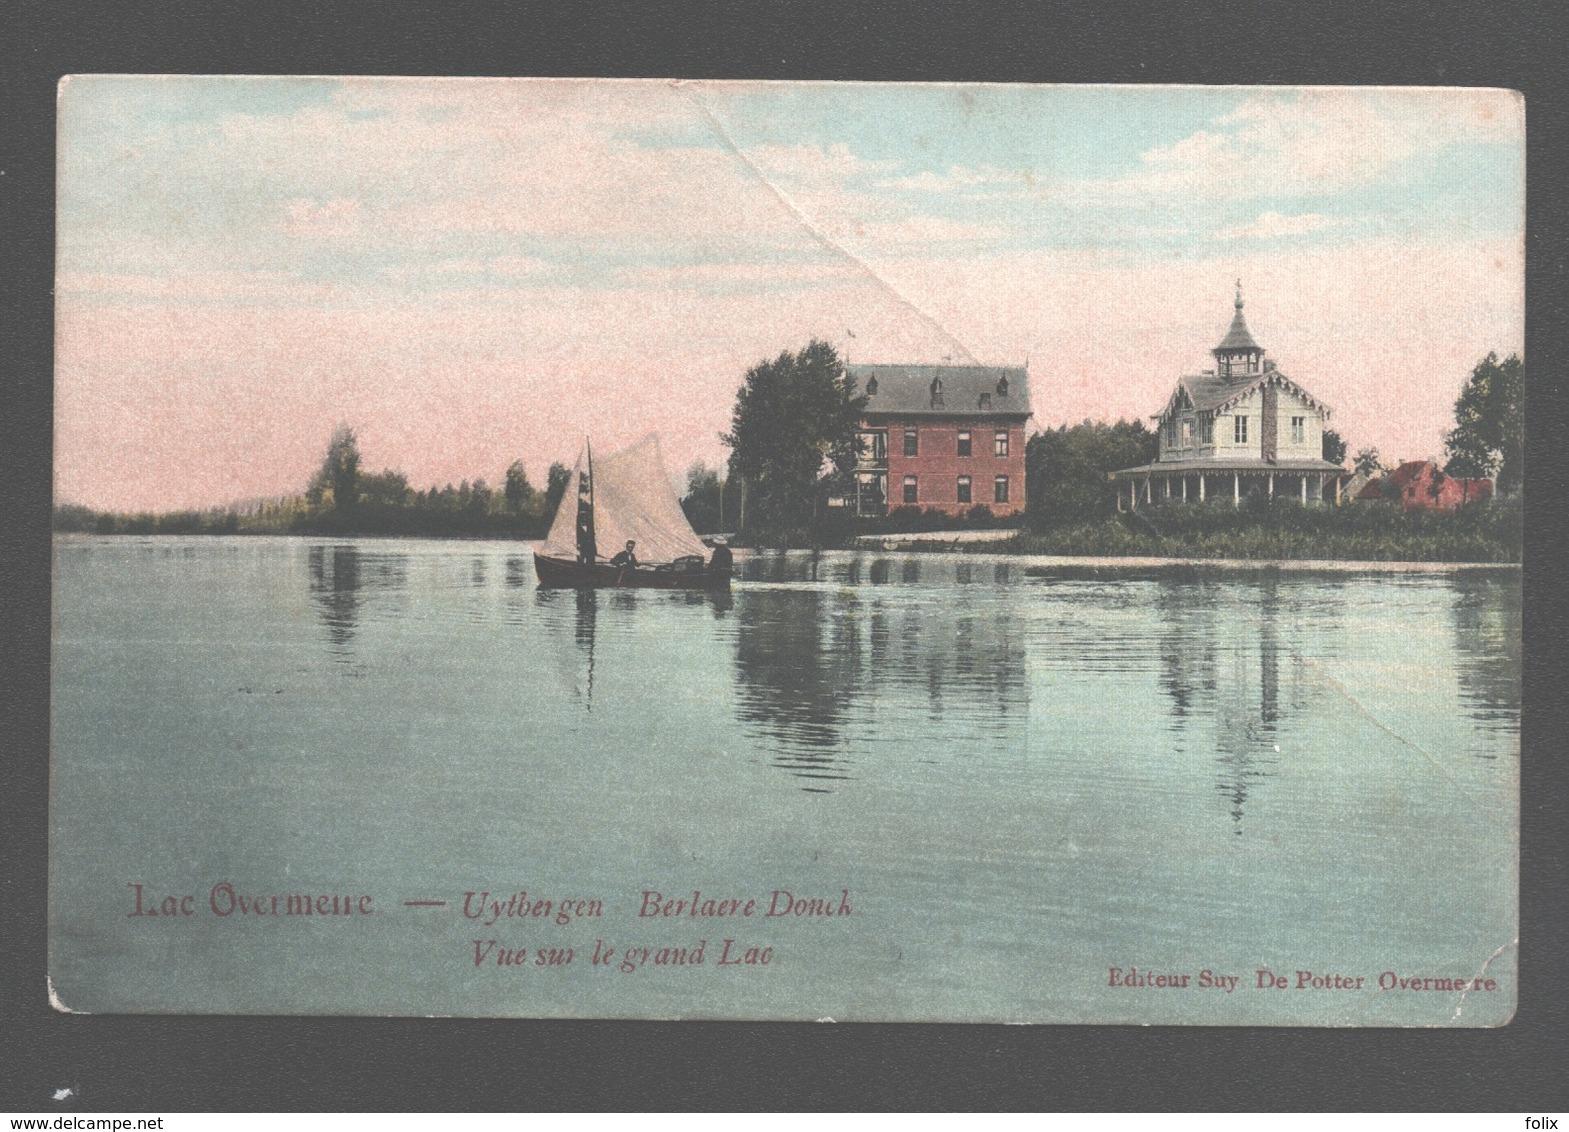 Overmere / Uitbergen - Lac Overmeire - Vue Sur Le Grand Lac - éd. Suy De Potter, Overmere - Zeilboot / Voilier - Berlare